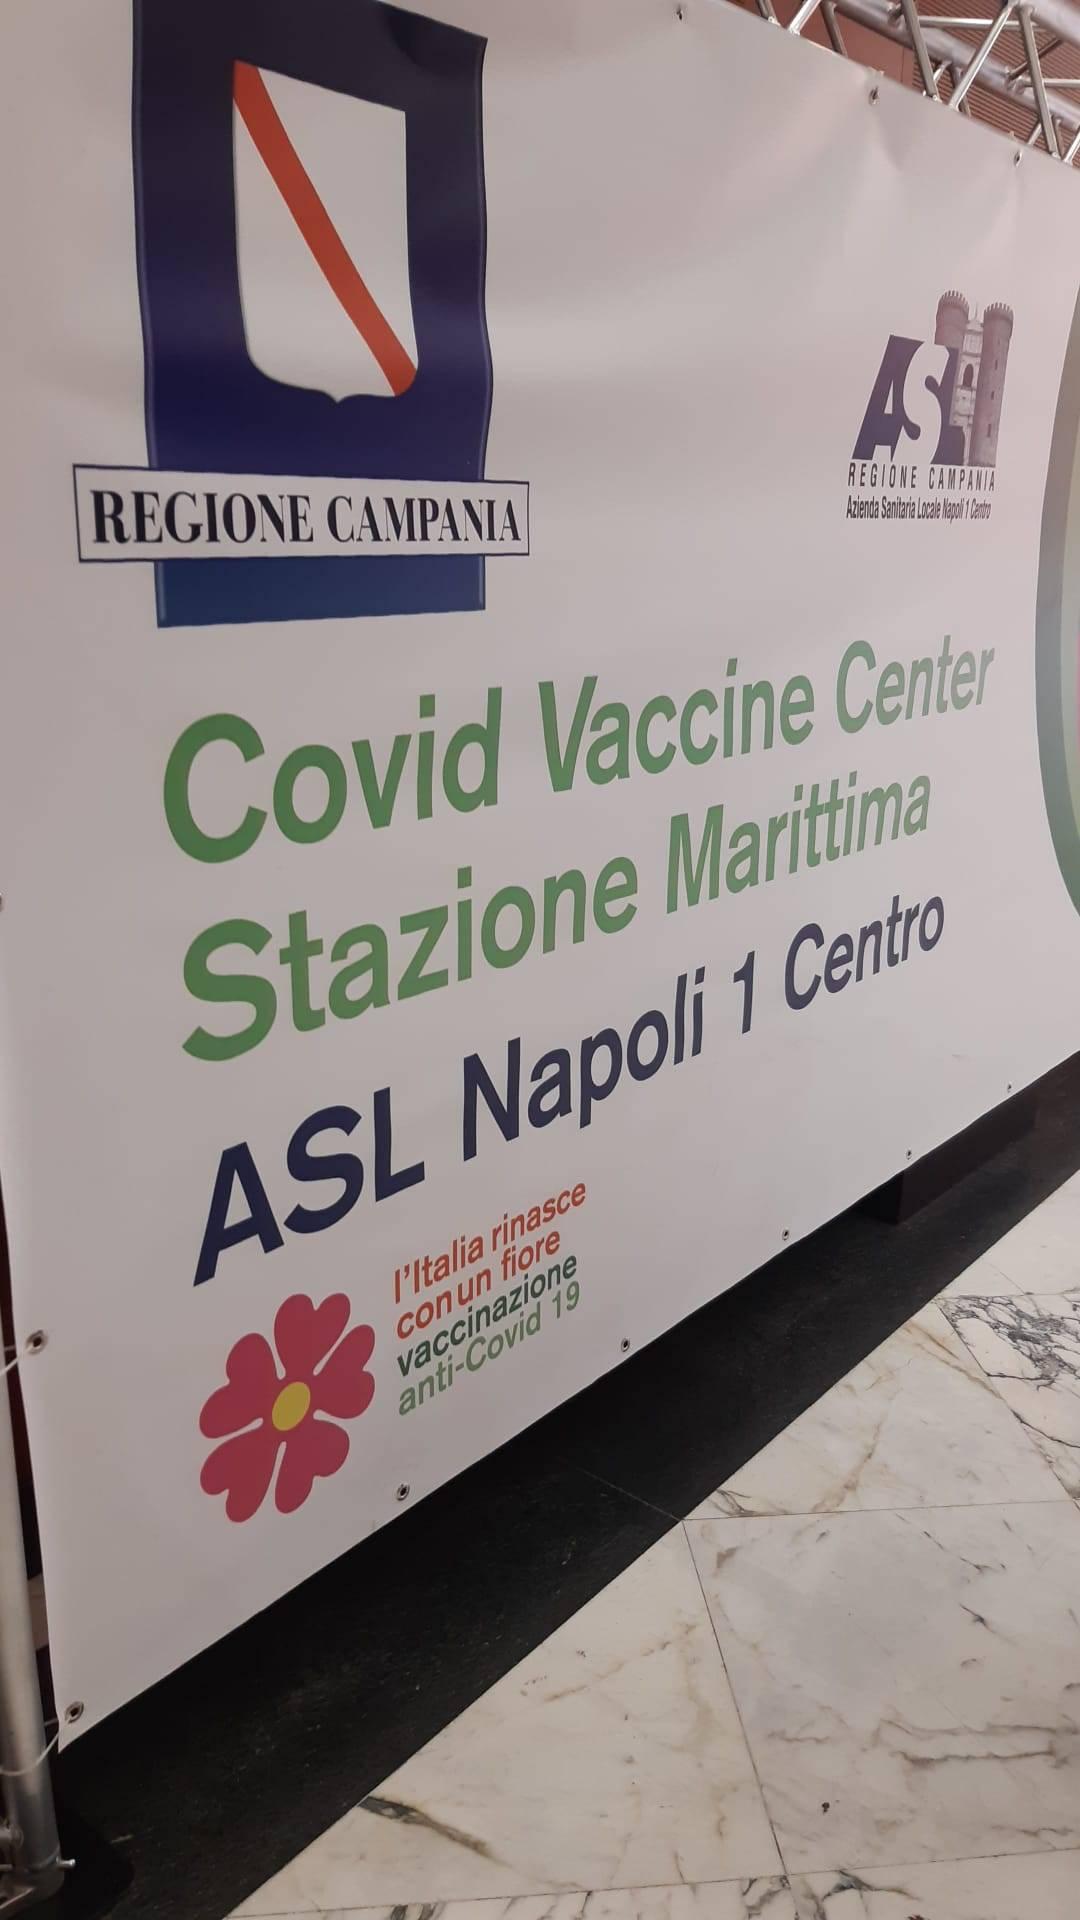 Asl Napoli 1 Centro, programmato open day Vaccini Moderna e Pfizer